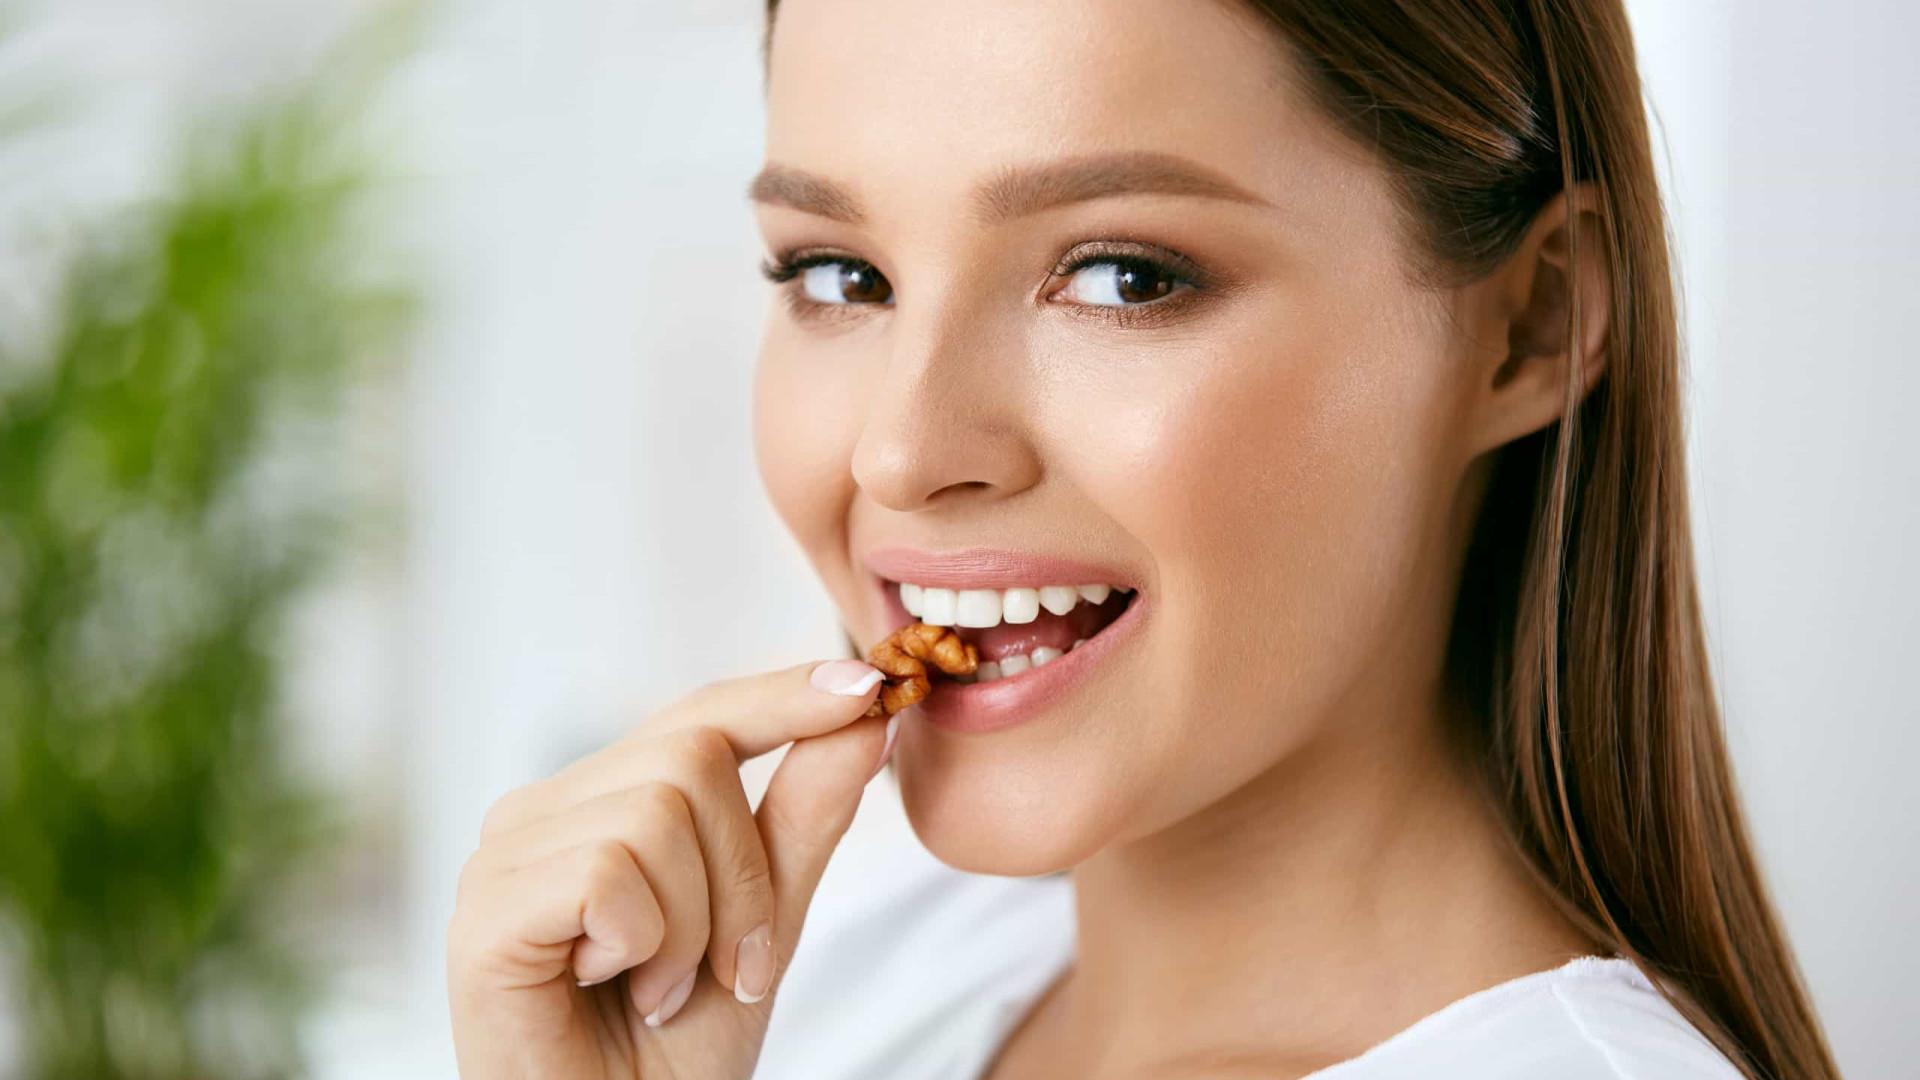 Fazendo dieta? Quatro alimentos enganadores, diga não!